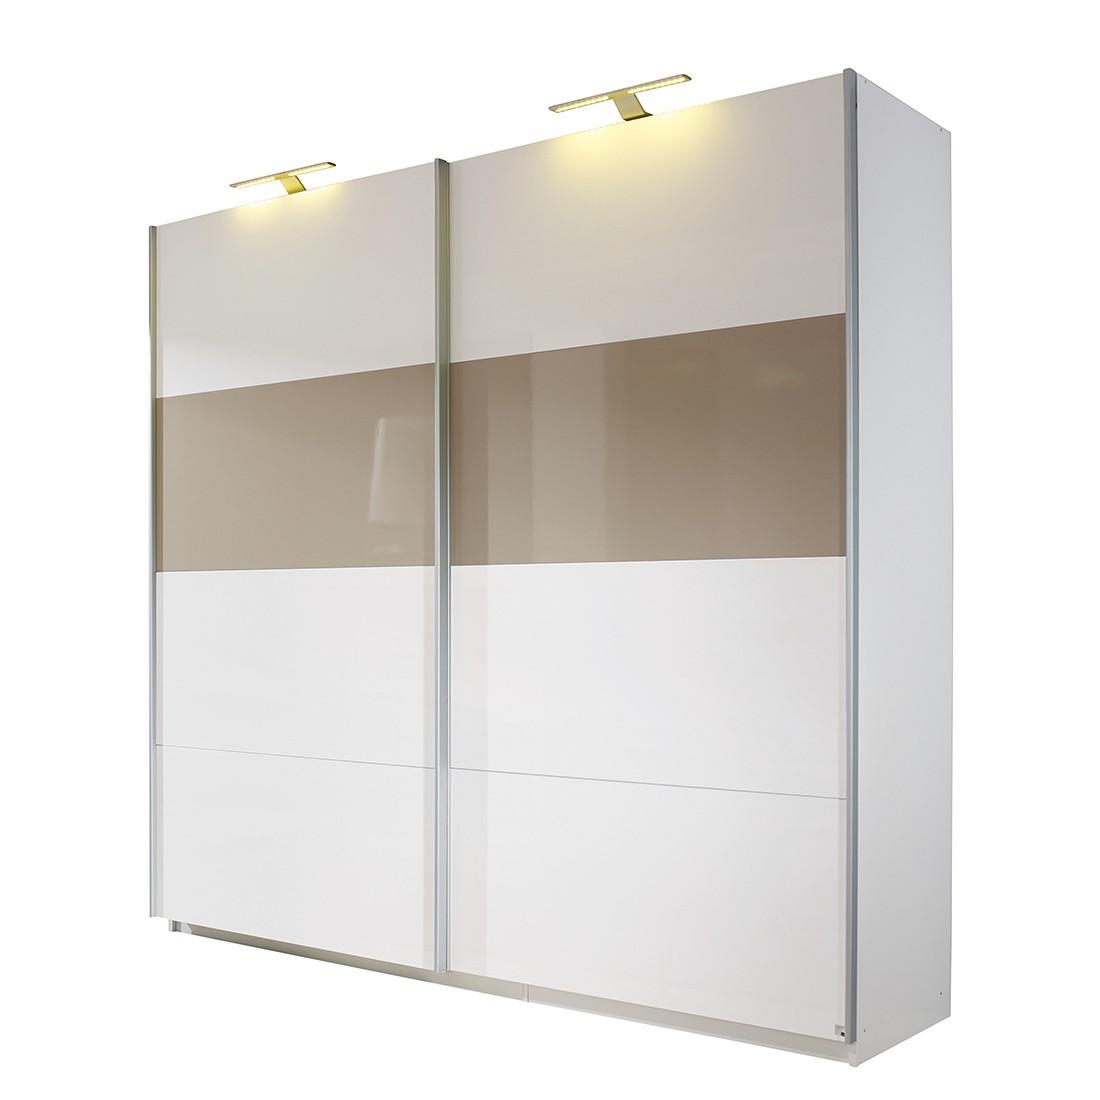 schwebet renschrank beluga plus hochglanz wei hochglanz sandgrau alpinwei 136 cm 2. Black Bedroom Furniture Sets. Home Design Ideas